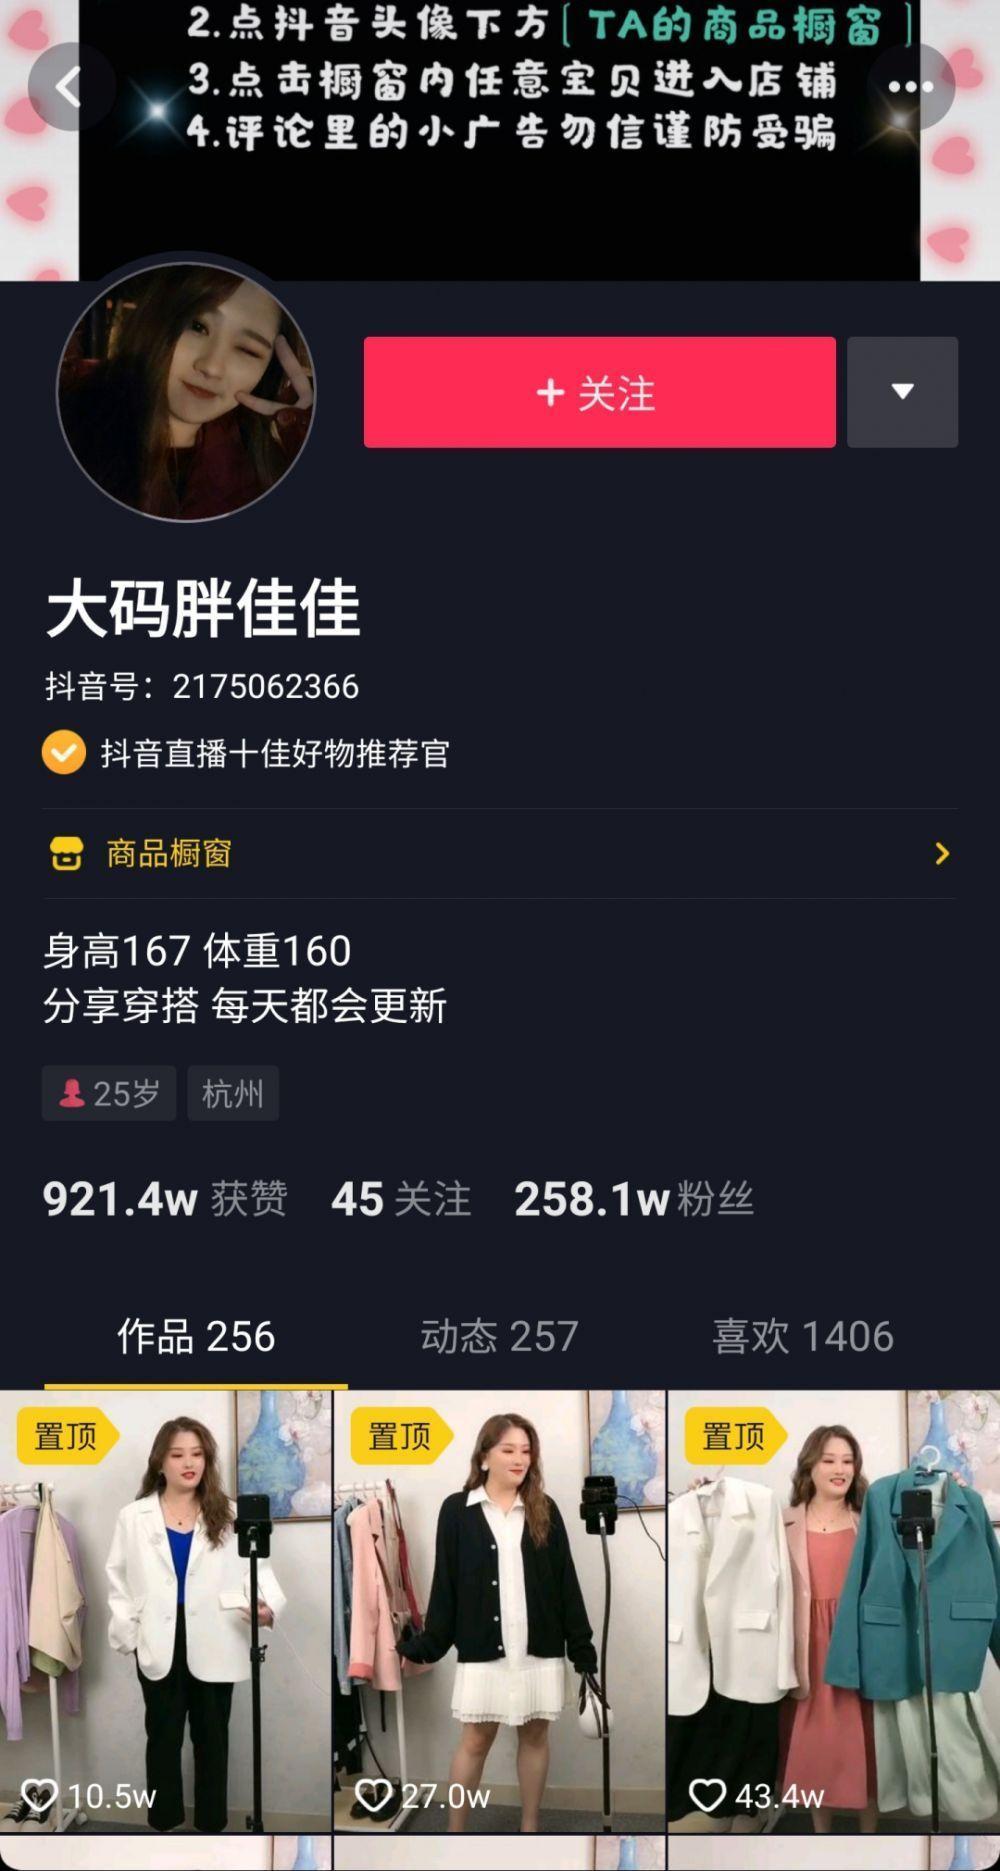 一天销售额90.6w,30天内冲榜27次,普通人如何做直播赚钱?-第2张图片-周小辉<a href='http://www.zhouxiaohui.cn/duanshipin/'>短视频</a>培训博客